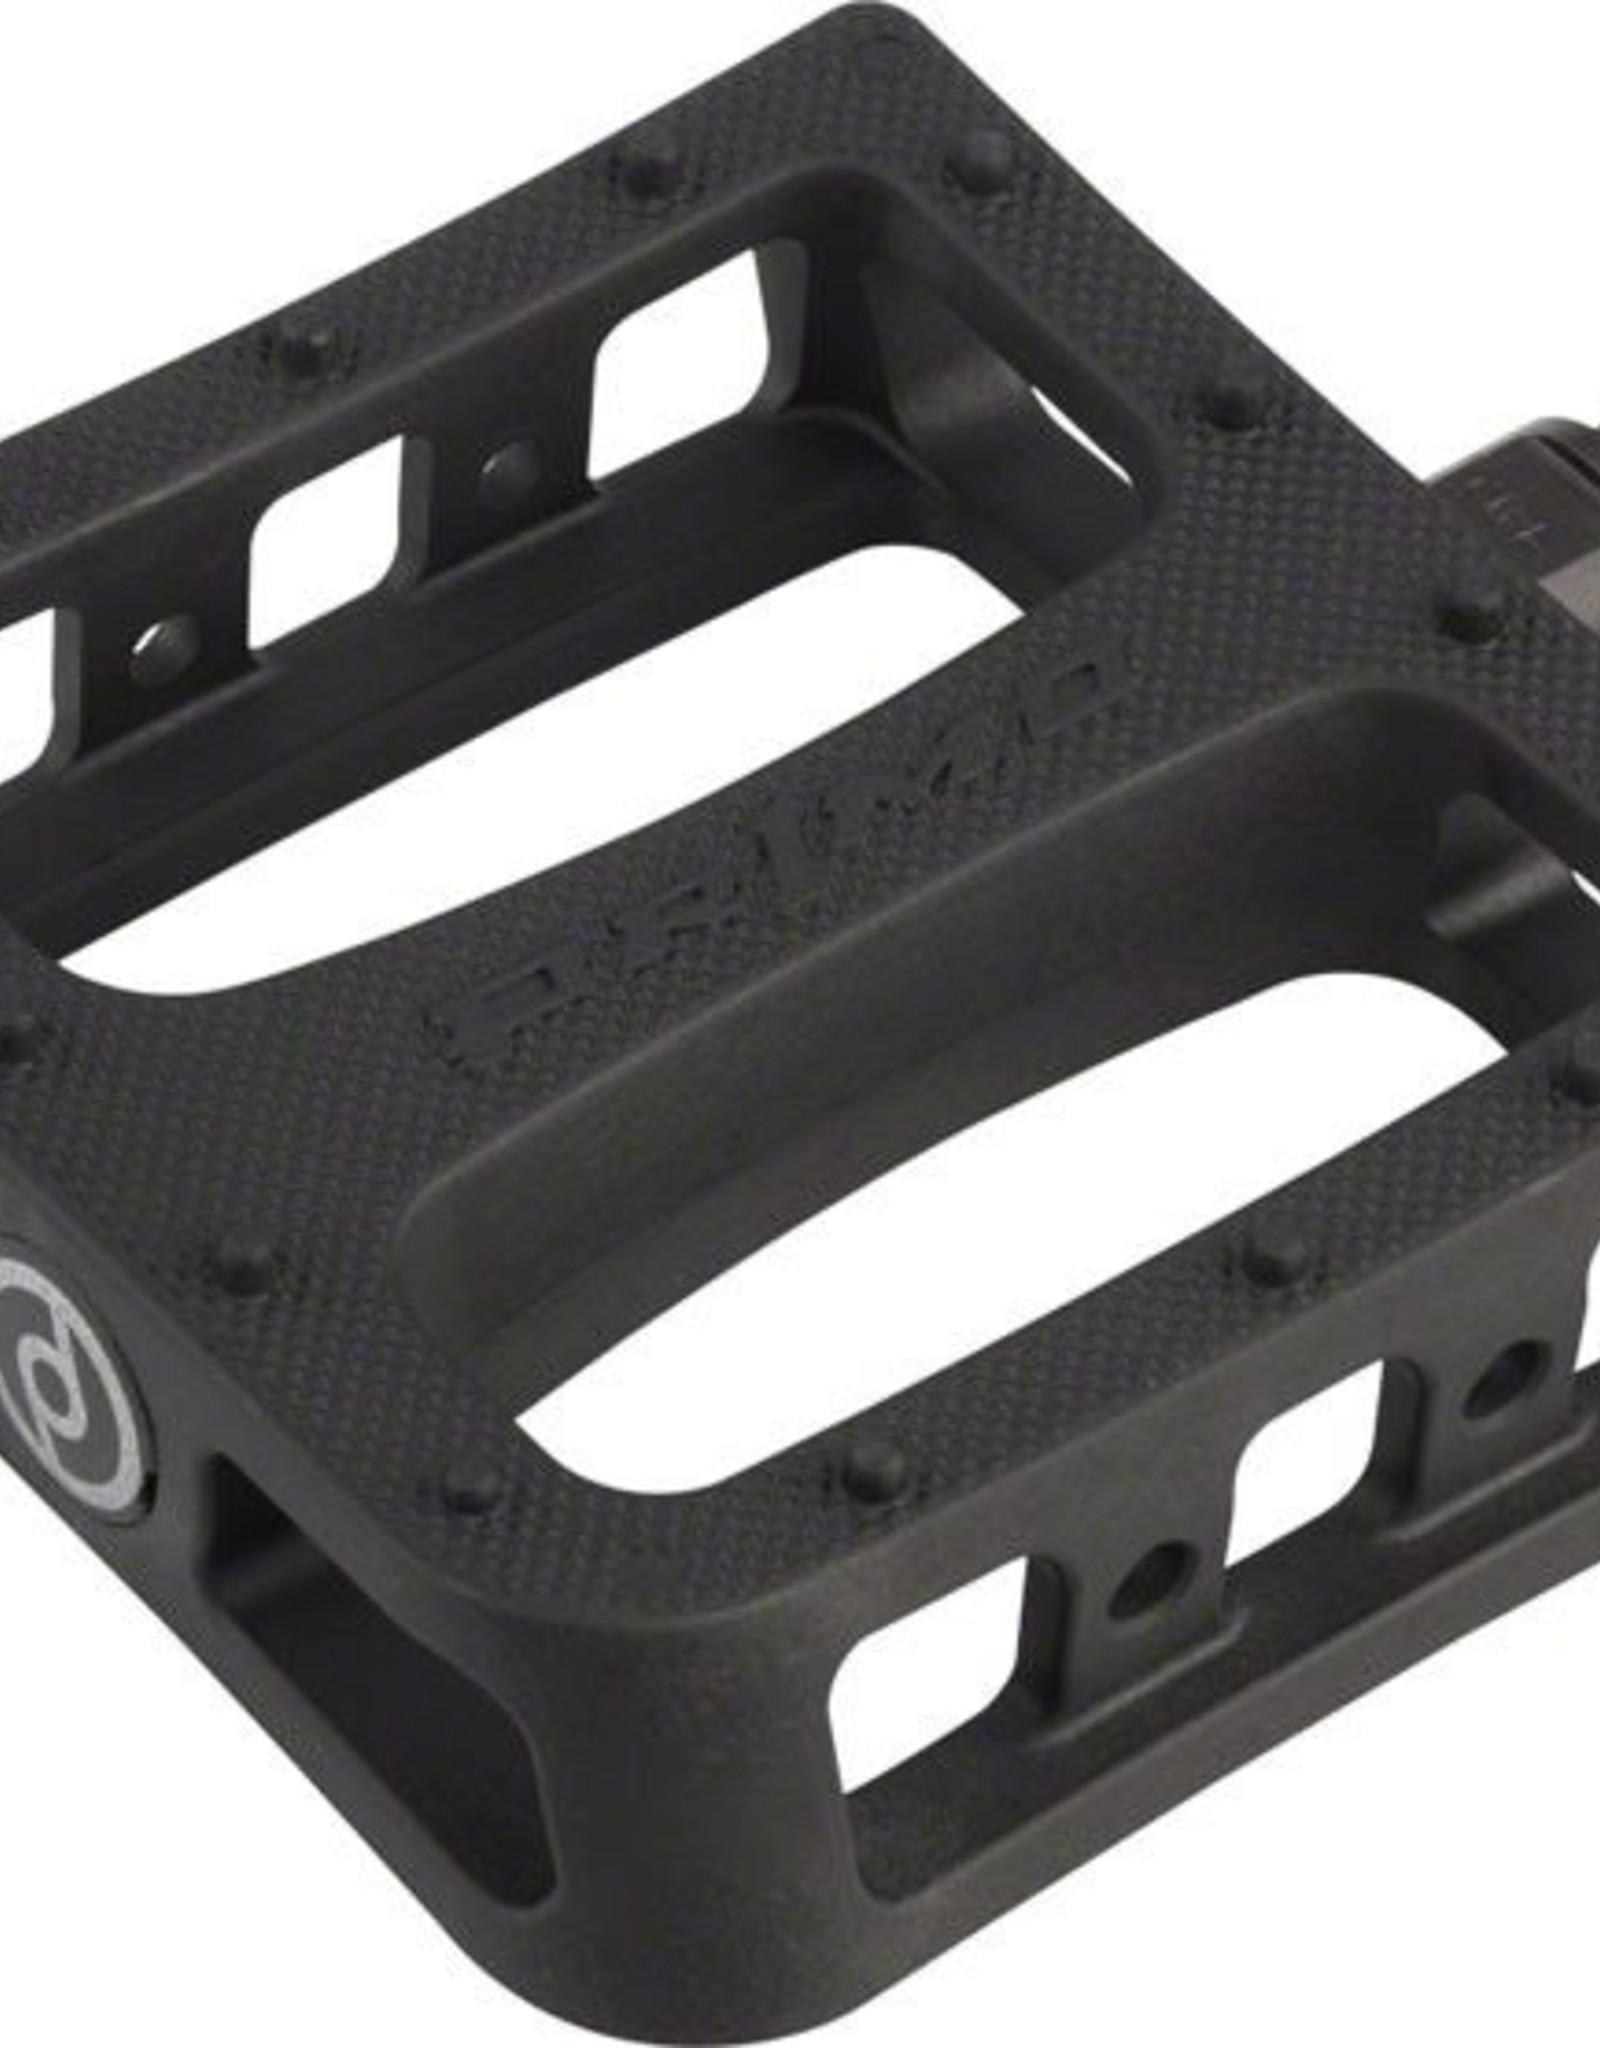 Primo Super Tenderizer PC Pedals Black